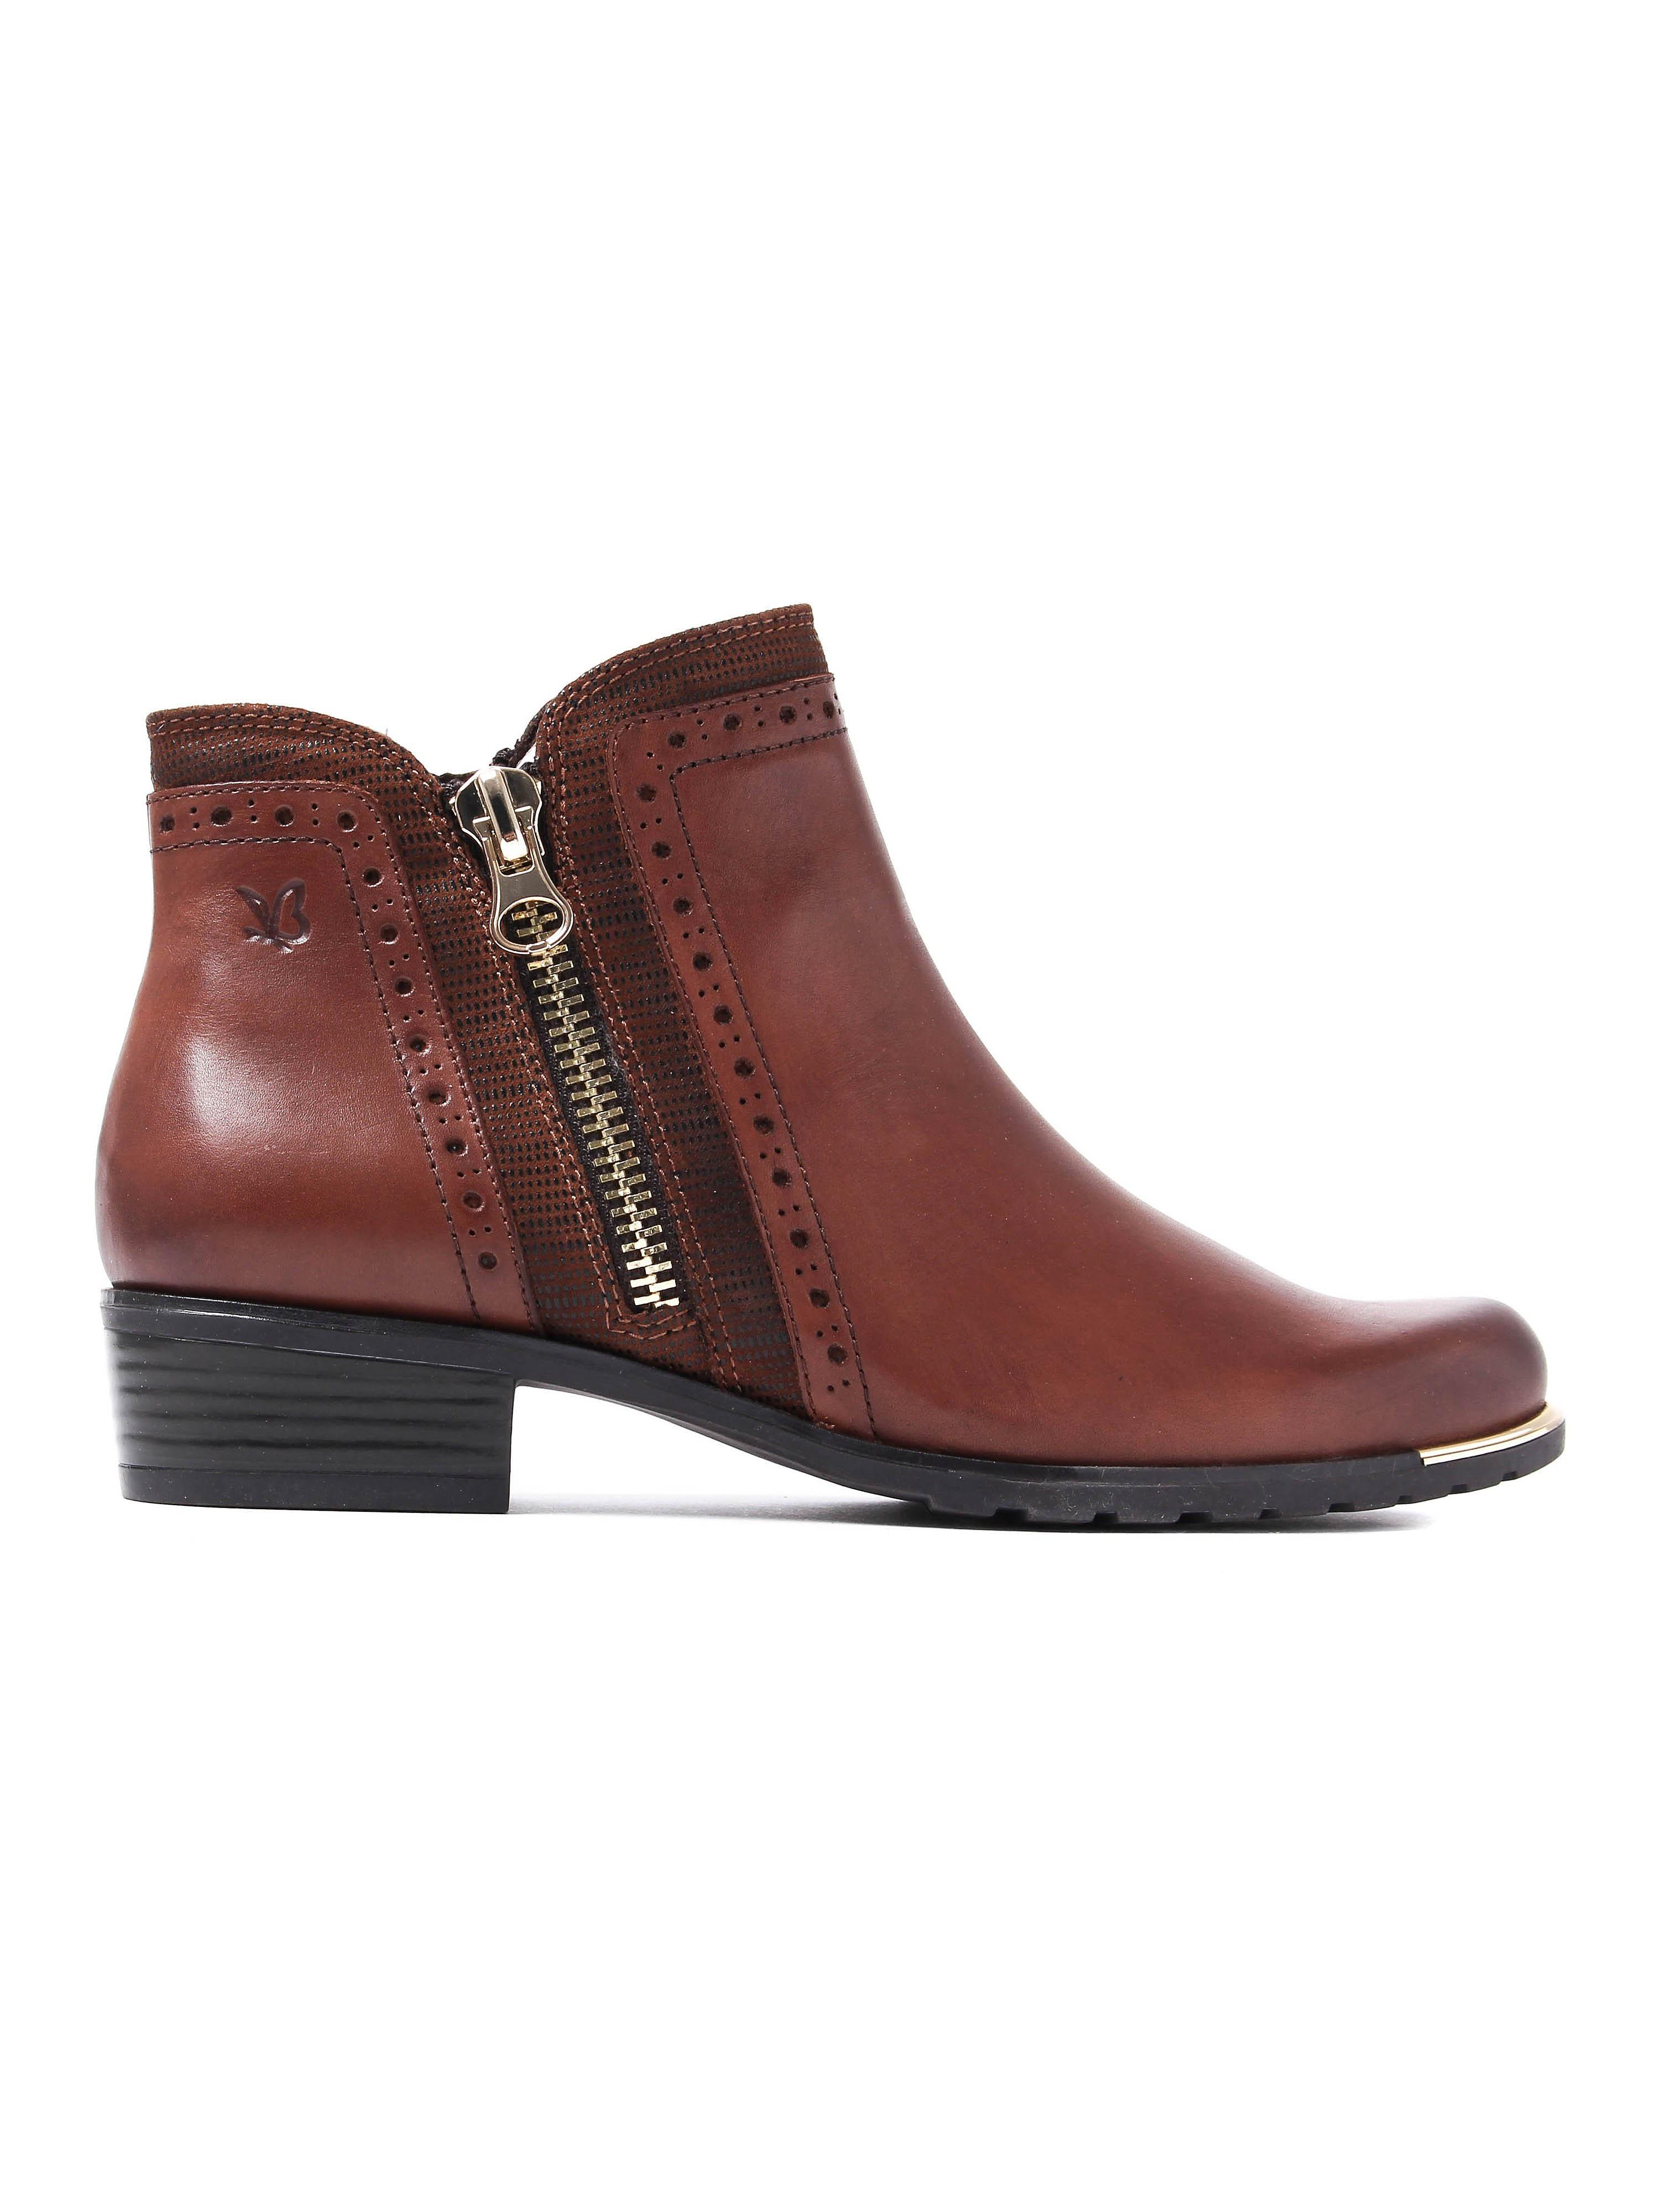 Caprice Women's Kelli Boots - Cognac